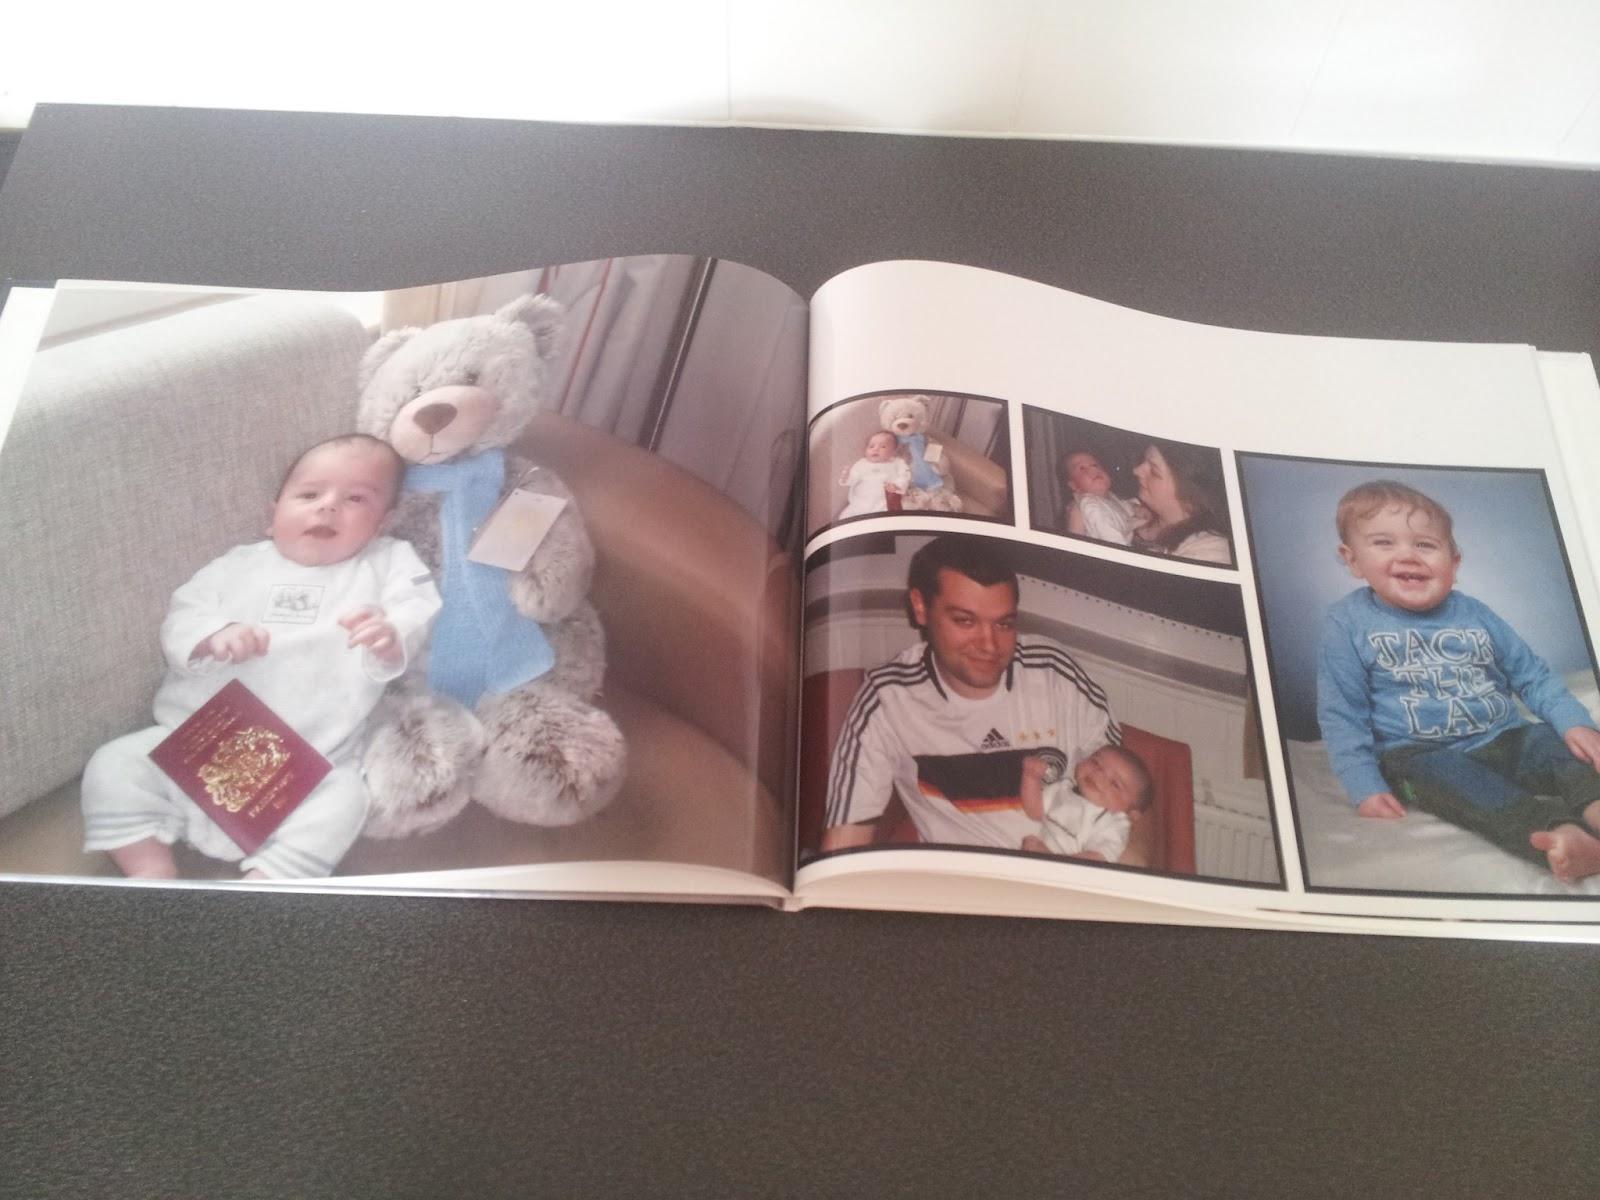 vistaprint photo book reviews uk ltt